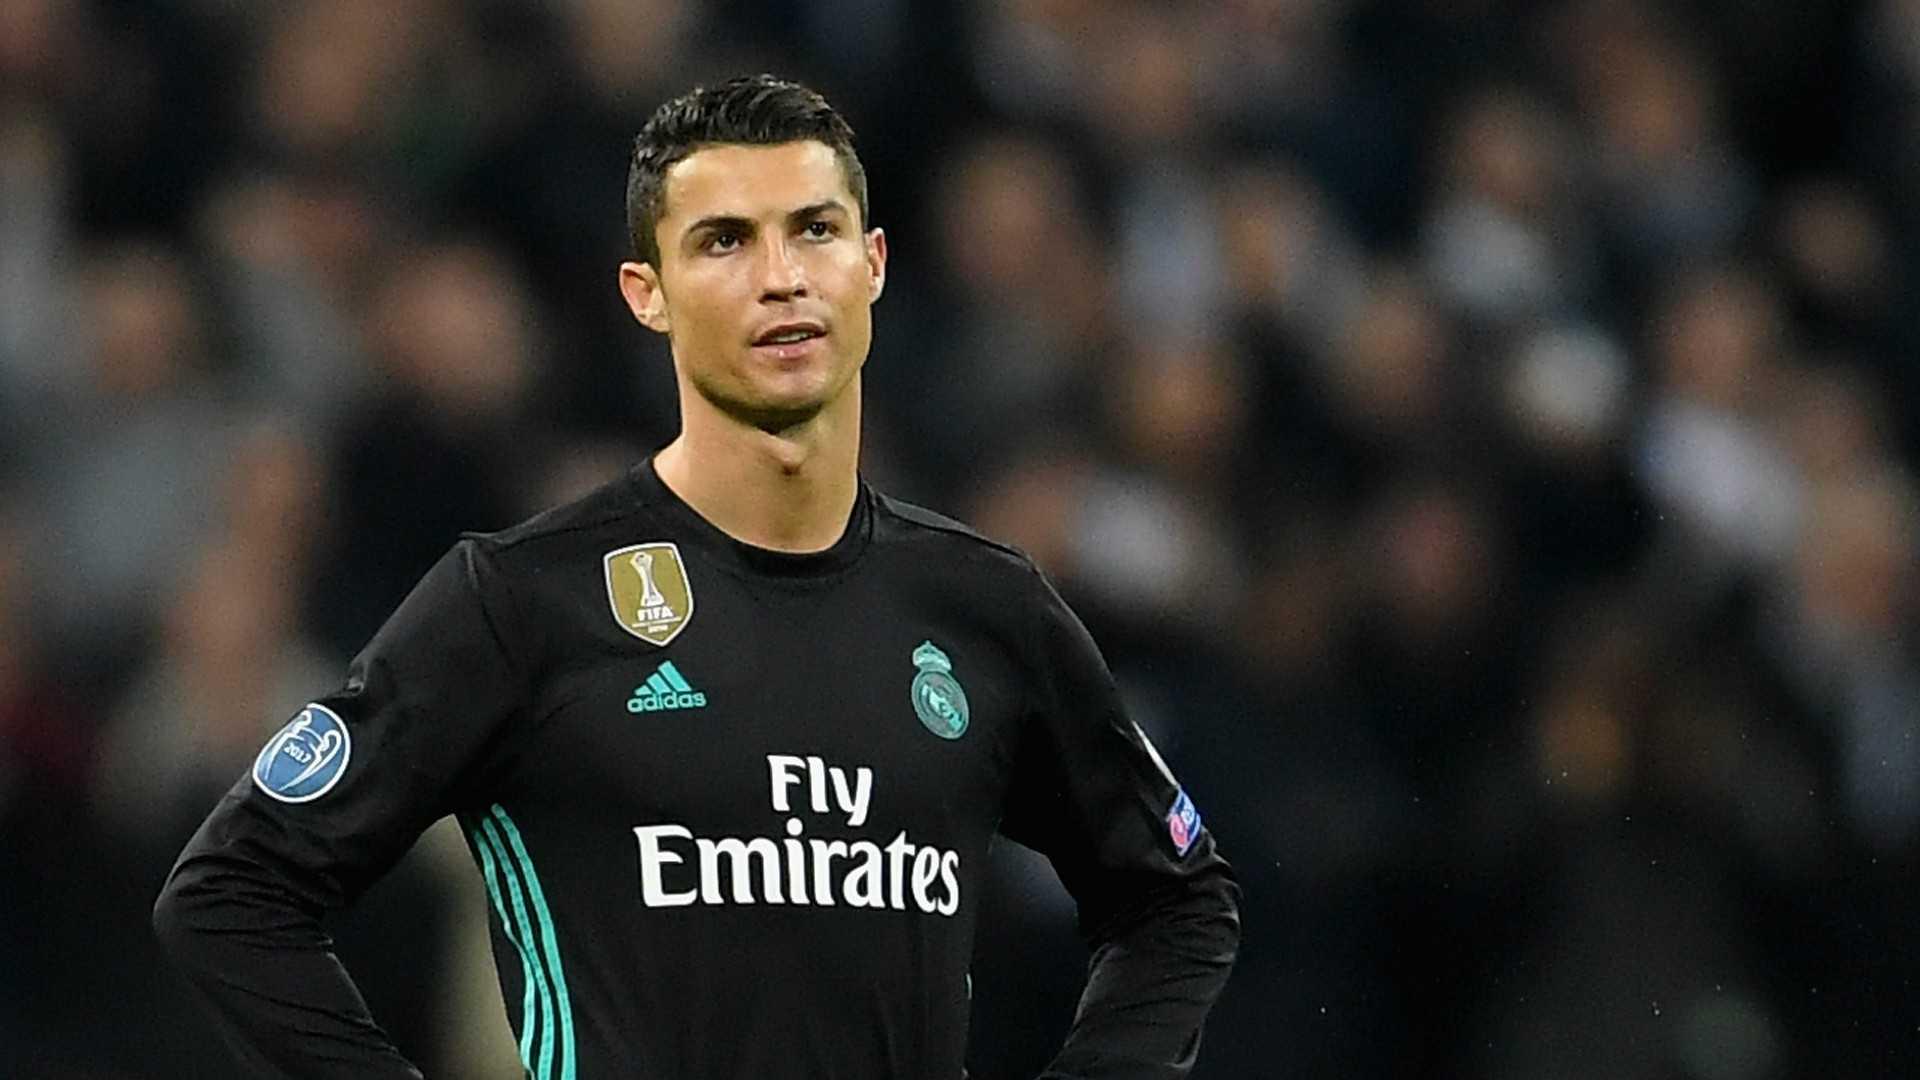 صوركرستيانو رونالدو 2019 مجموعه صور حديثه للاعب كرة القدم